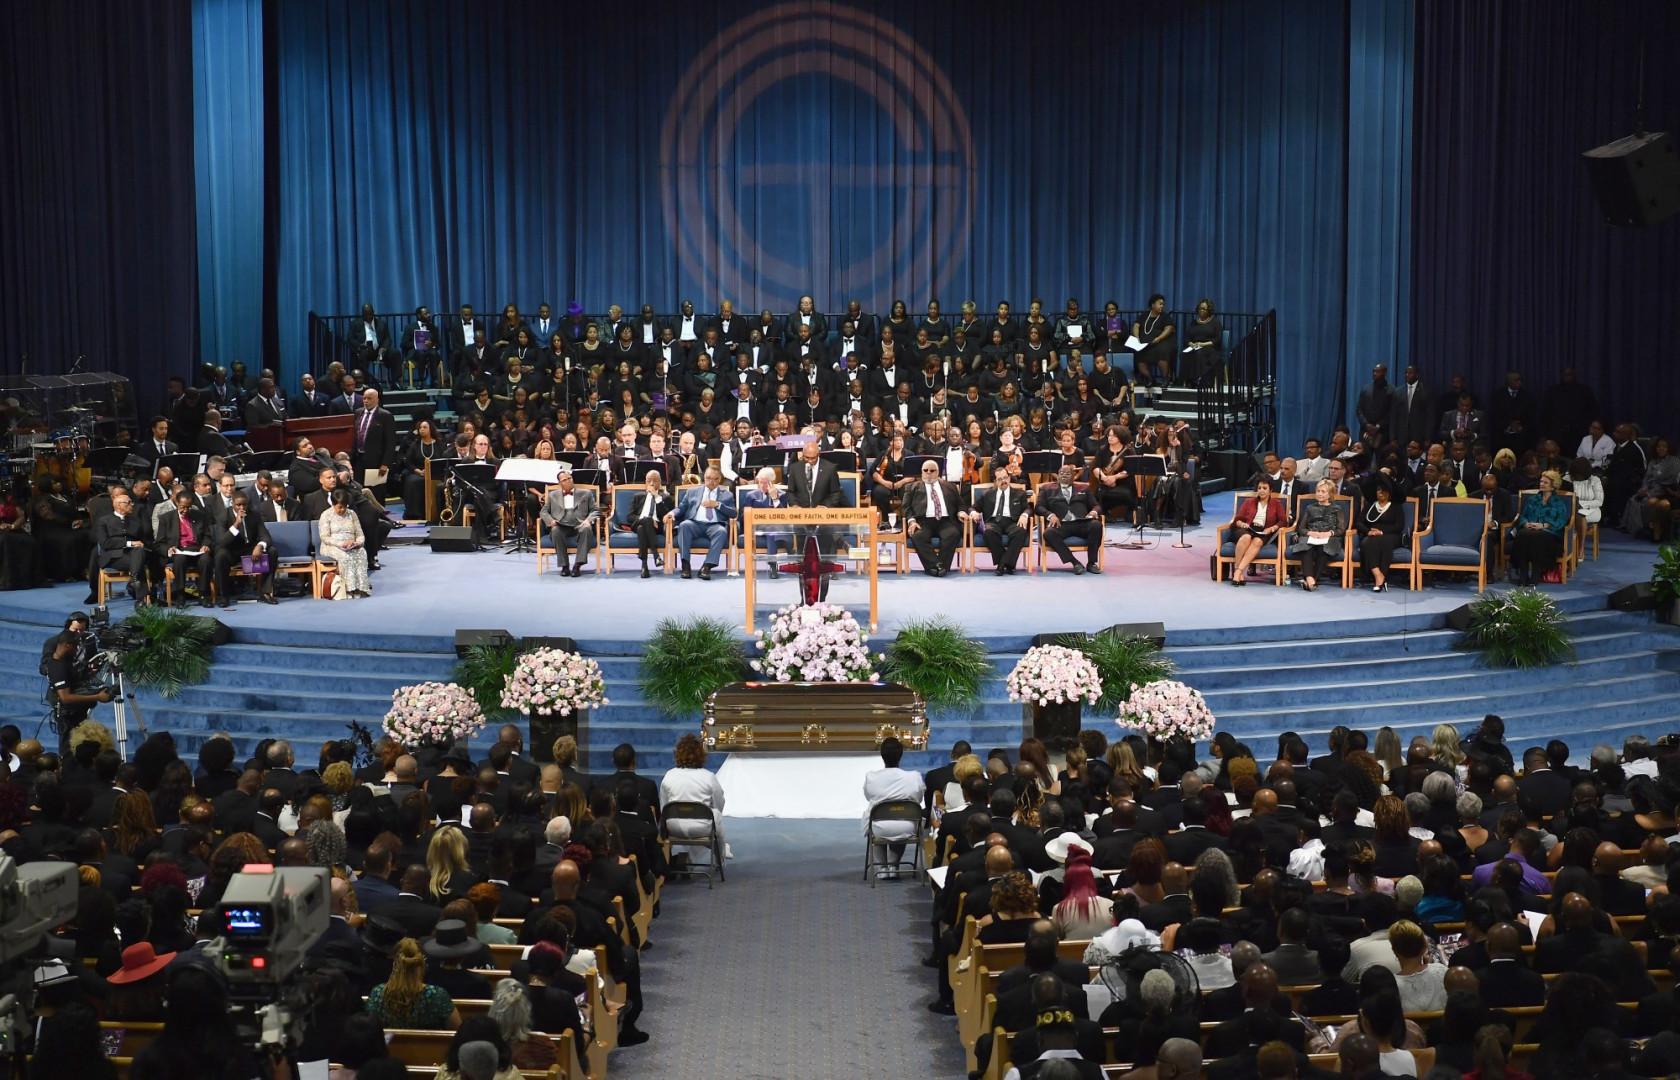 La cérémonie s'est déroulée au Greater Grace Temple devant de nombreux grands noms de la musique et de la politique, à Détroit.